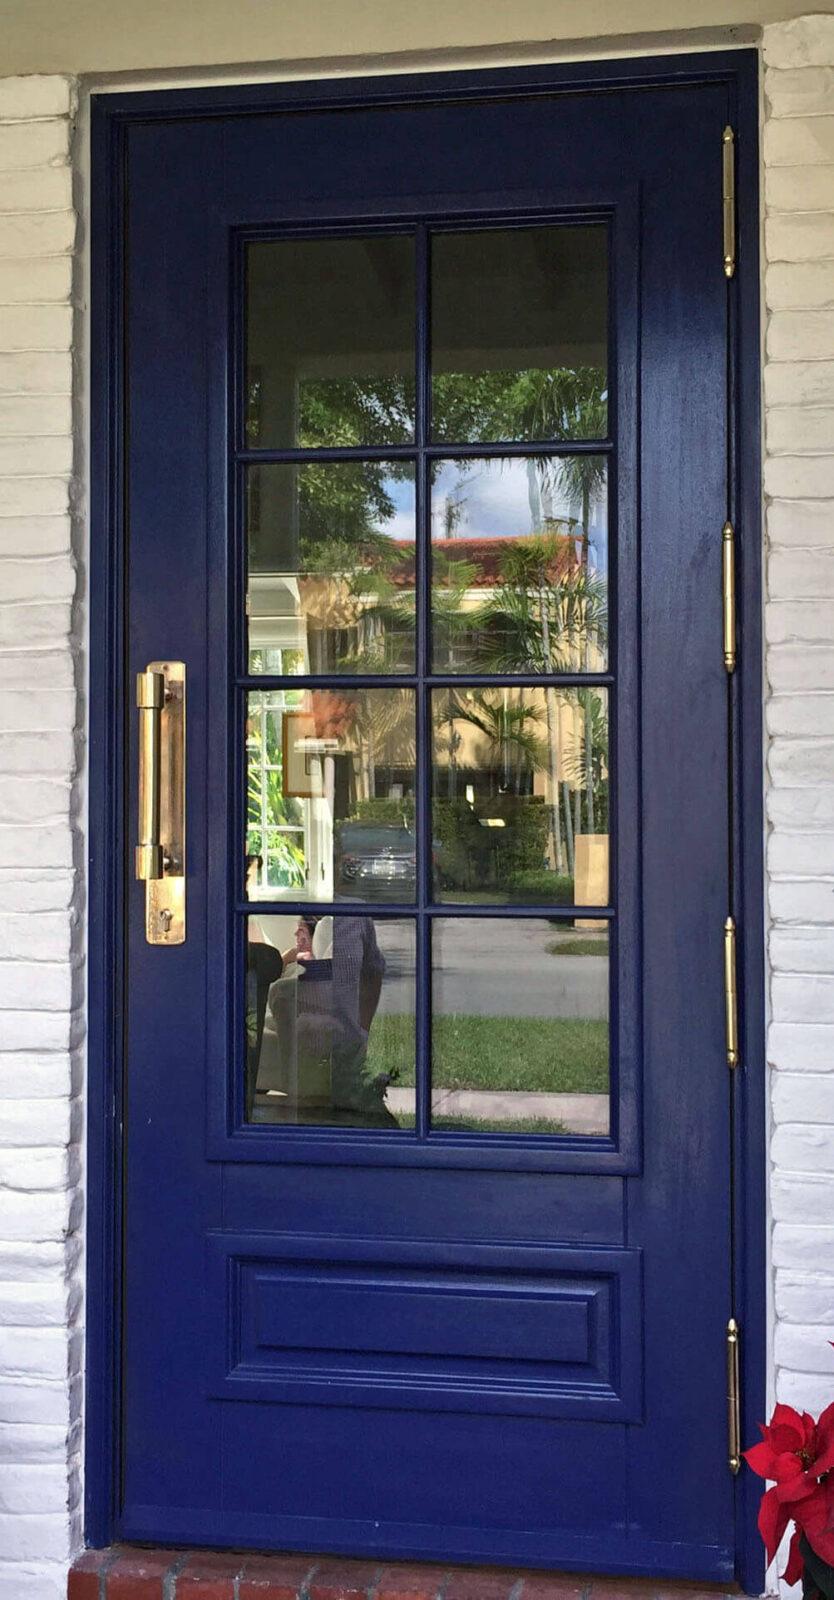 MADRID FRONT ENTRY DOOR.